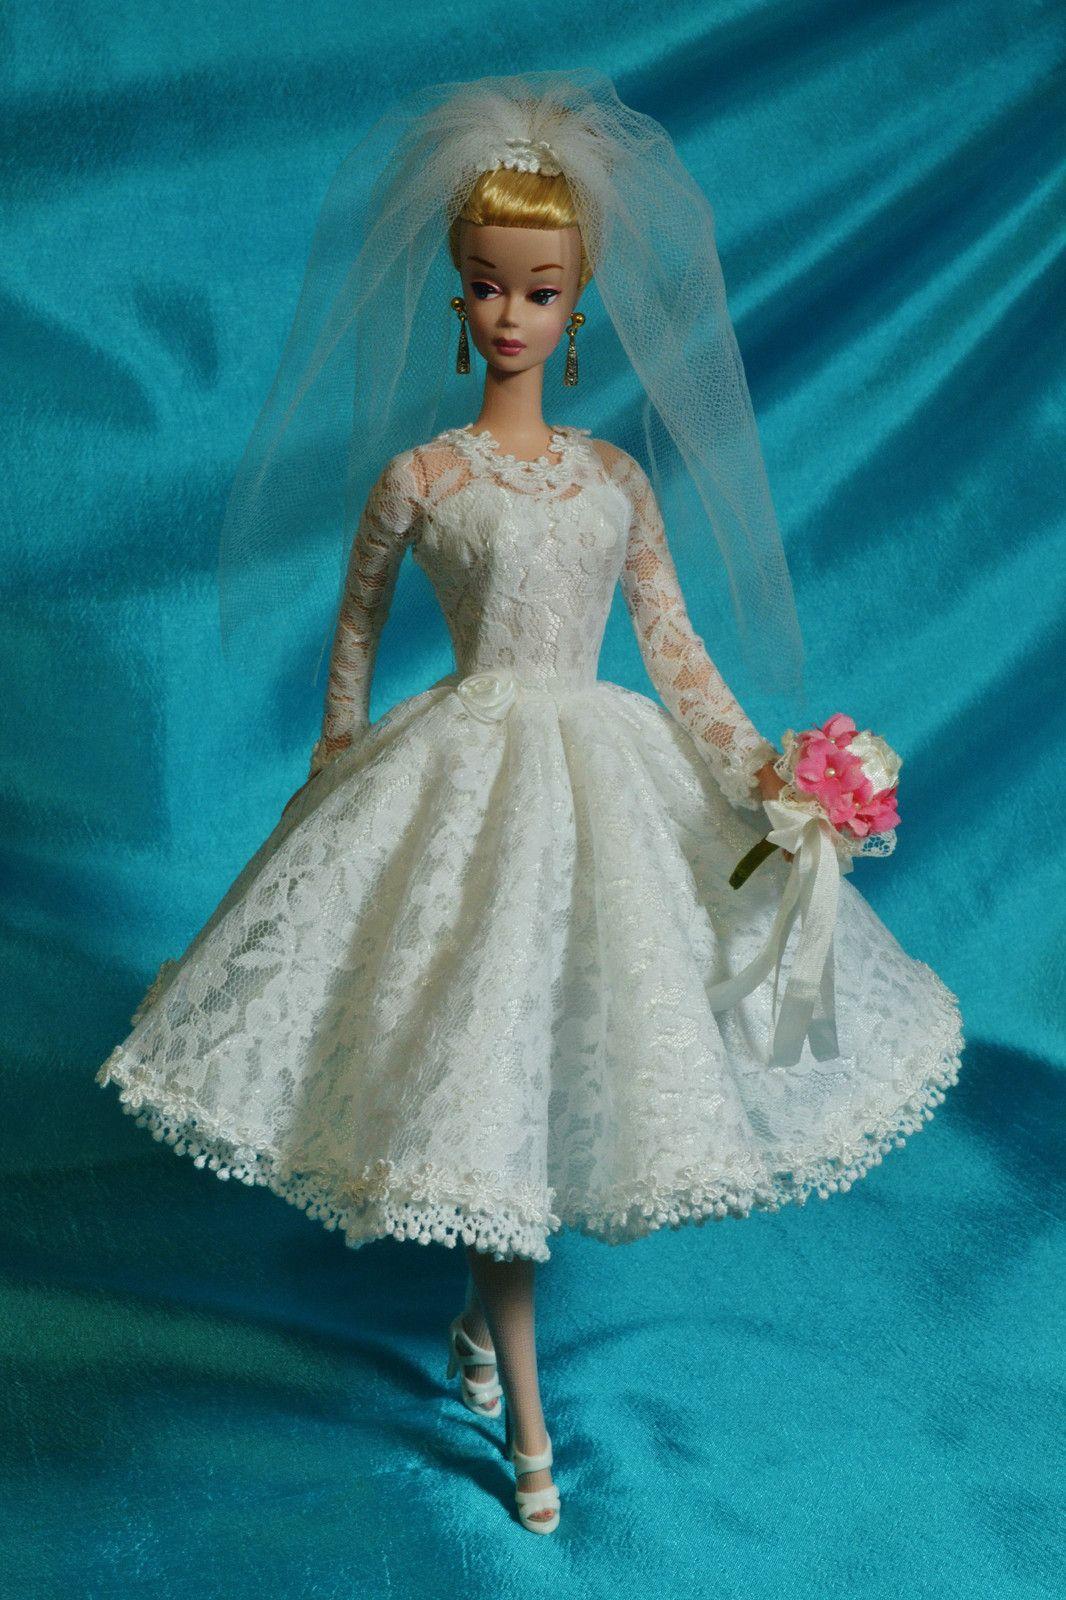 OOAK Silkstone Vintage Style Barbie Repaint \